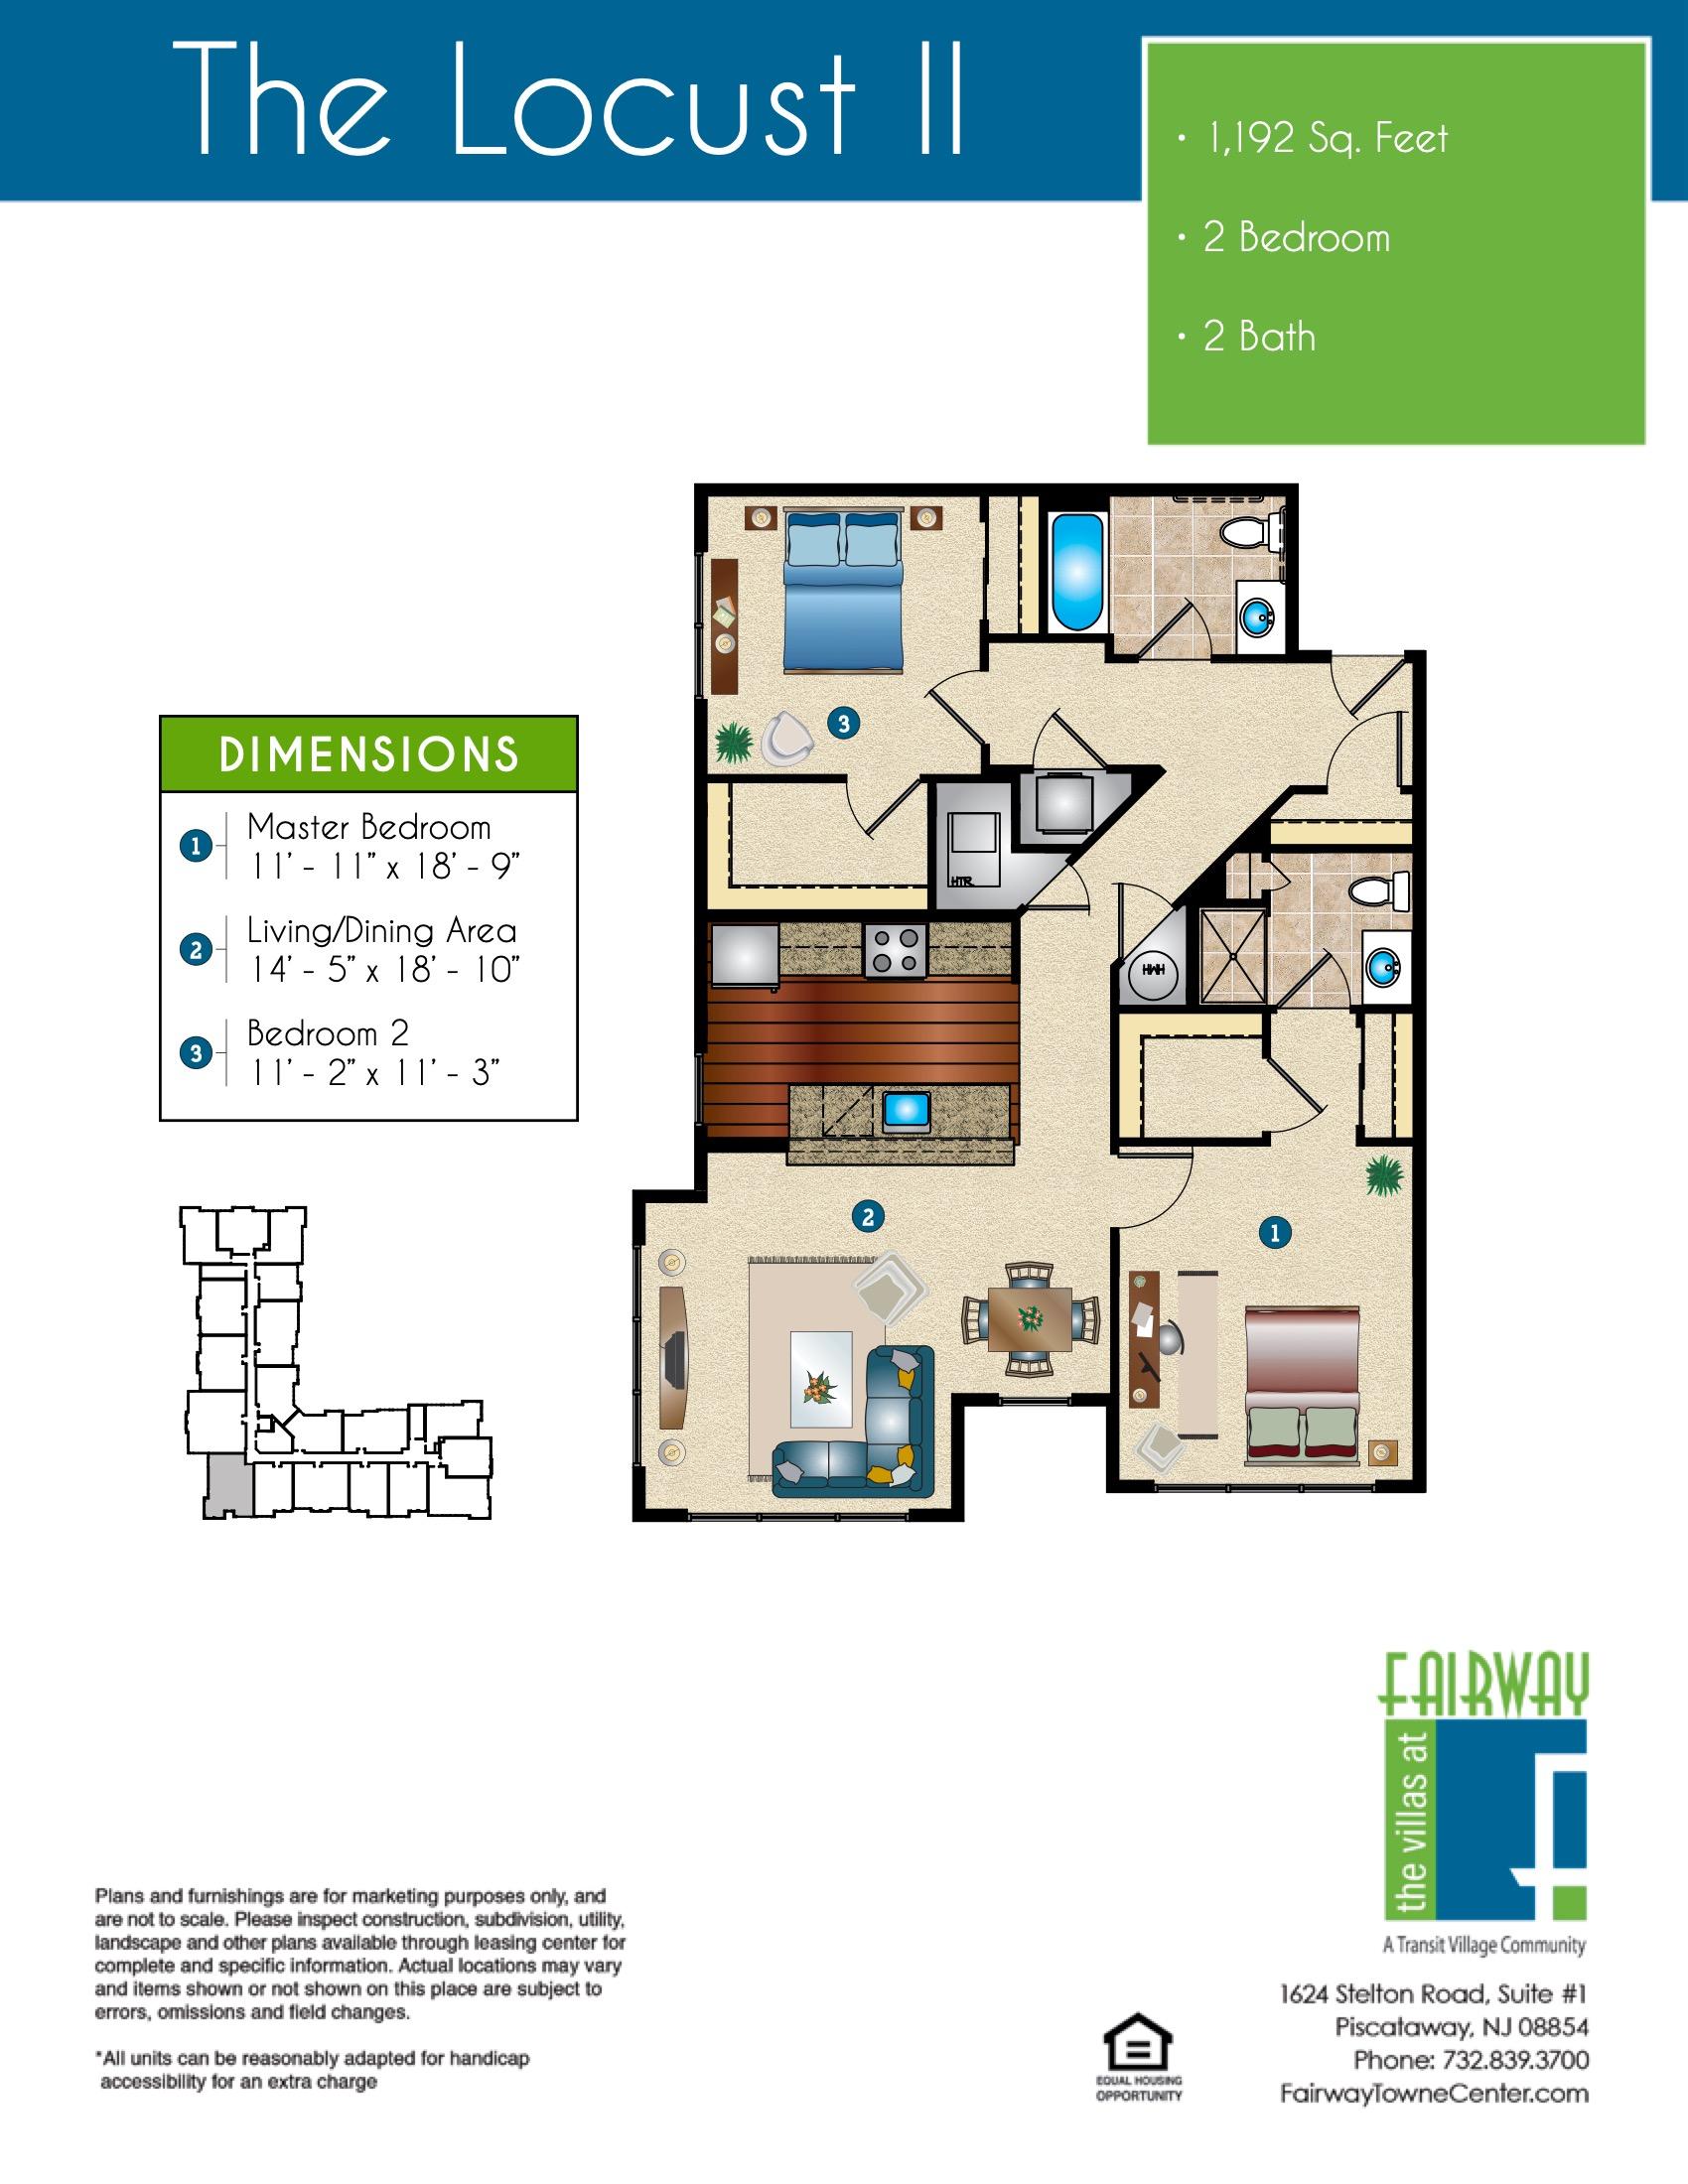 The Locust II Floor Plan